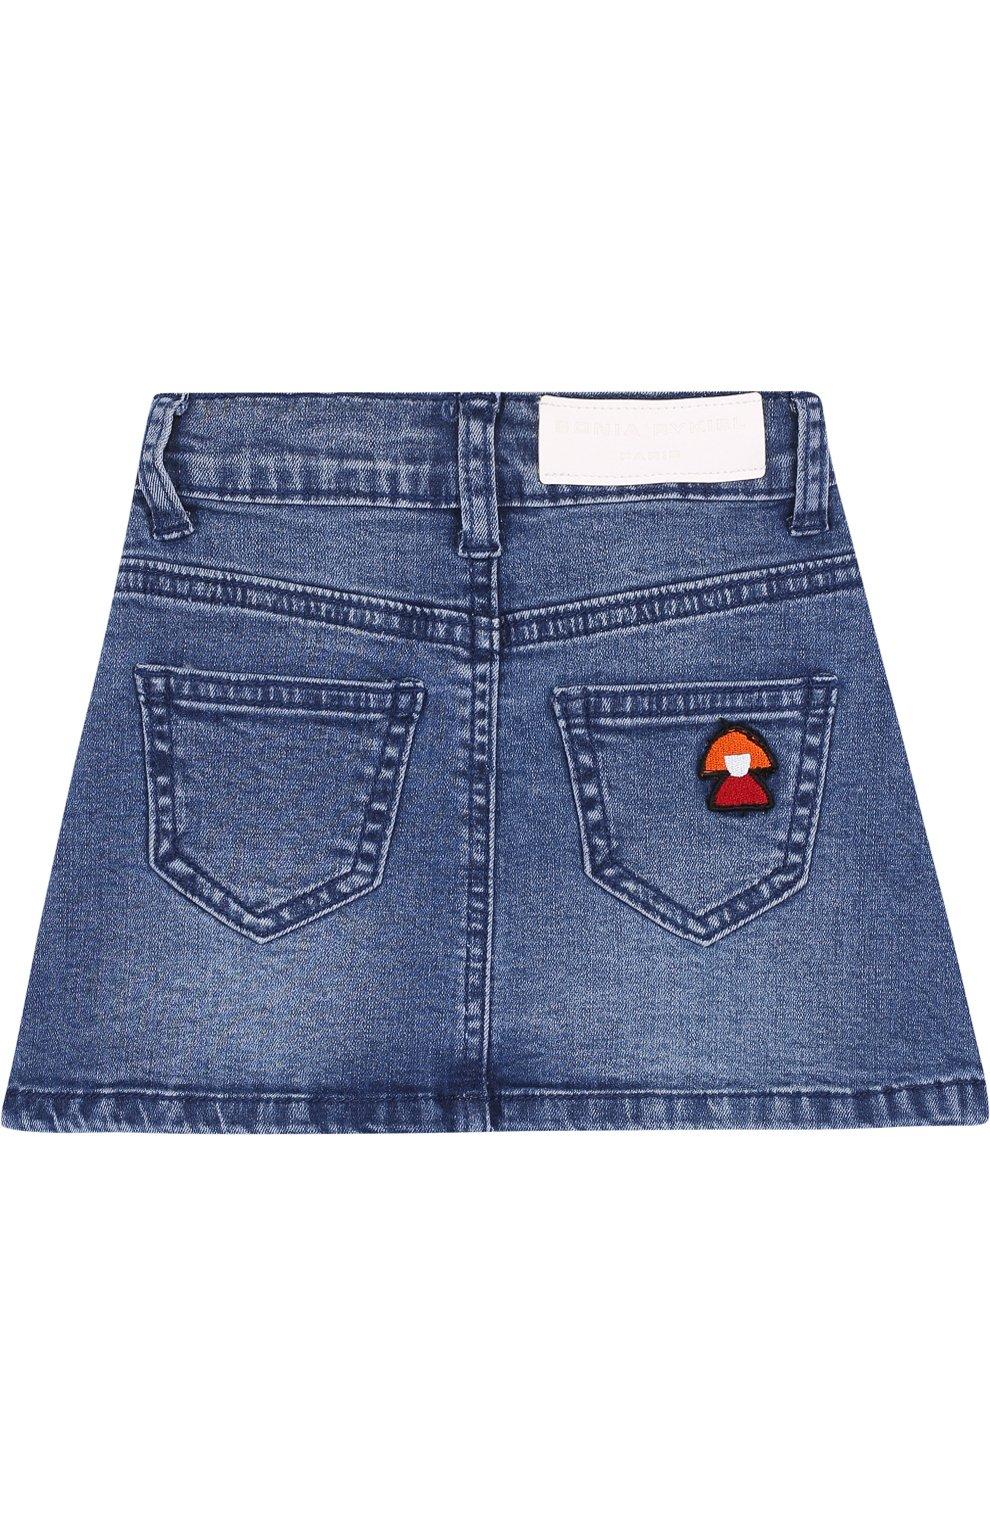 Джинсовая мини-юбка А-силуэта с нашивкой   Фото №2